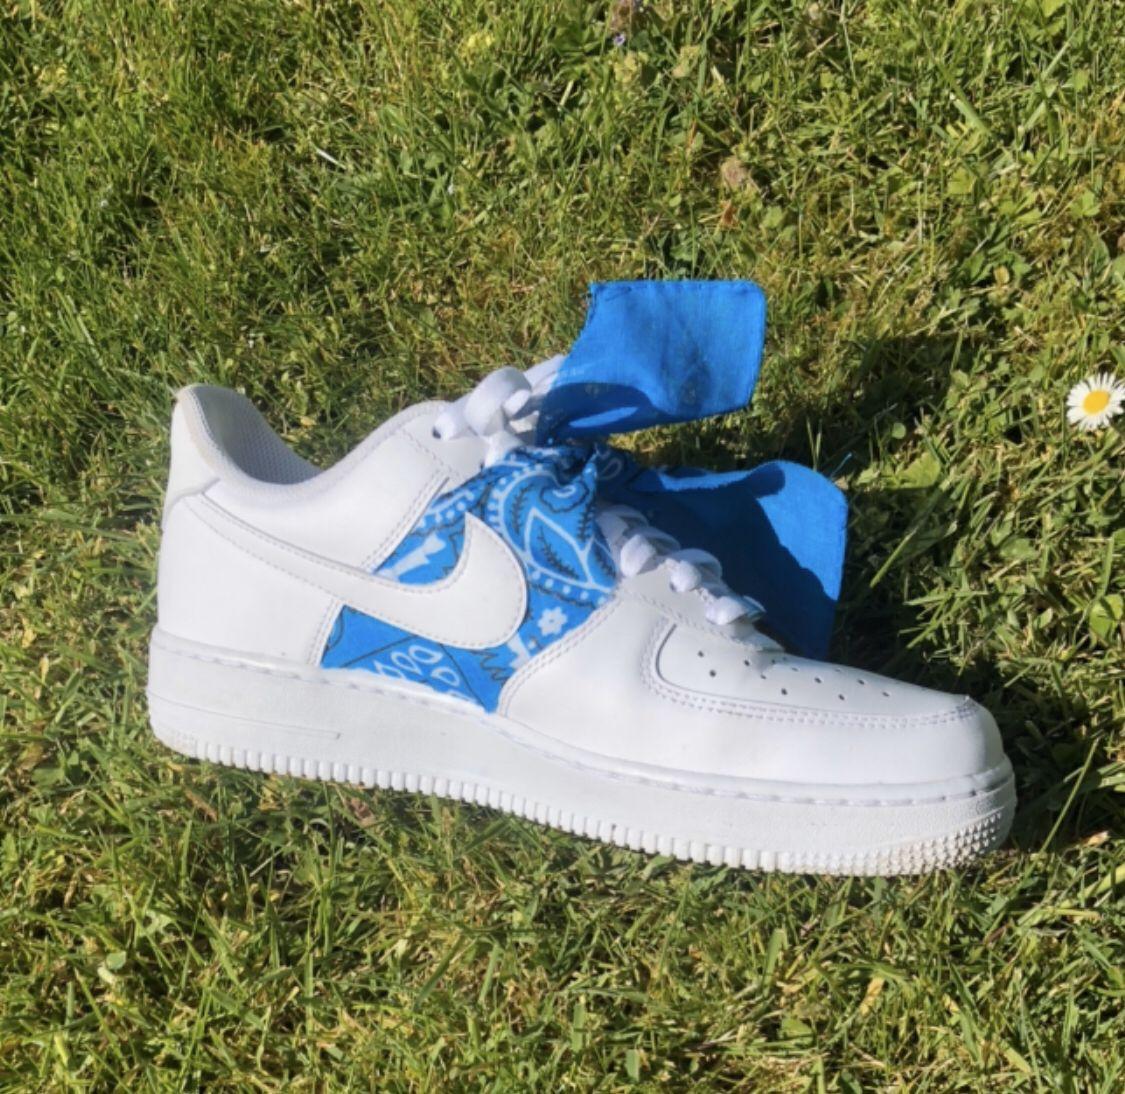 AF1 Custom Bandana in 2020 Sneakers nike, Nike air force